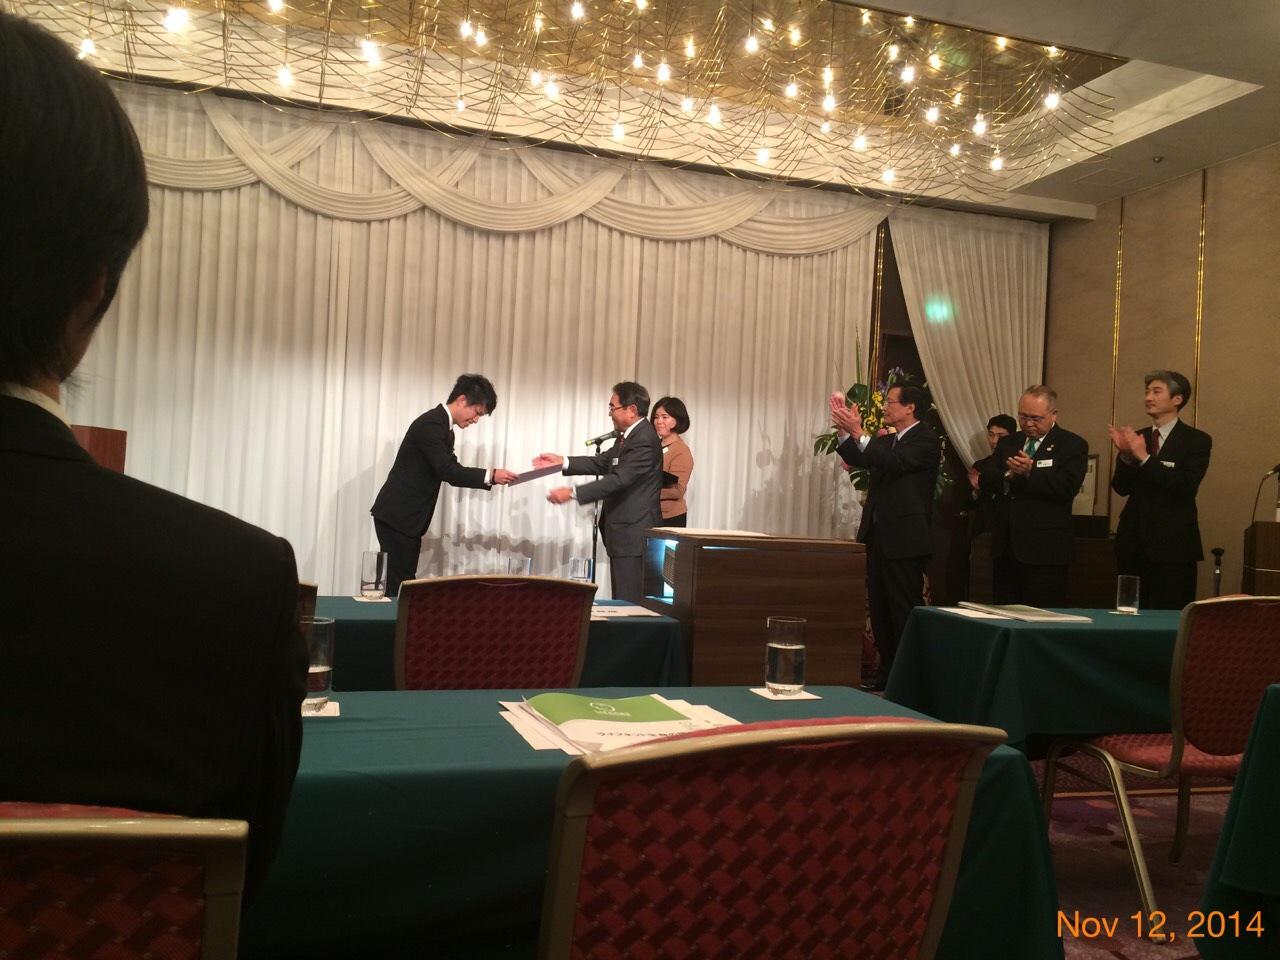 「未来の社長プロジェクト ビジネスプレゼンテーションコンテスト」で奨励賞を獲得!